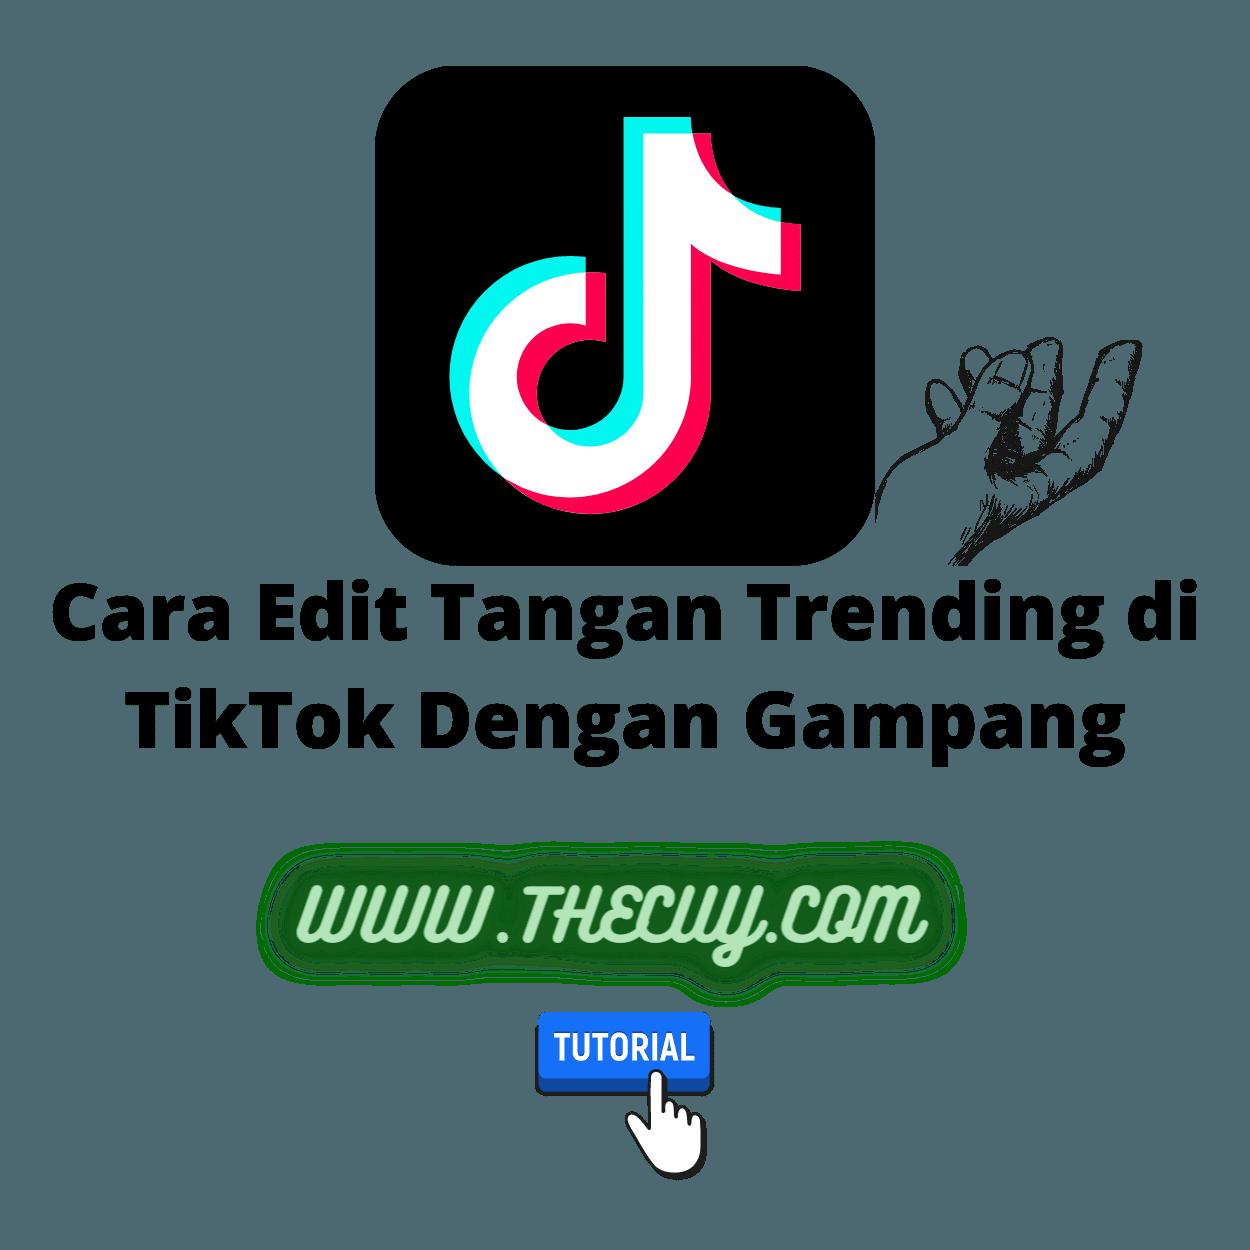 Cara Edit Tangan Trending di TikTok Dengan Gampang